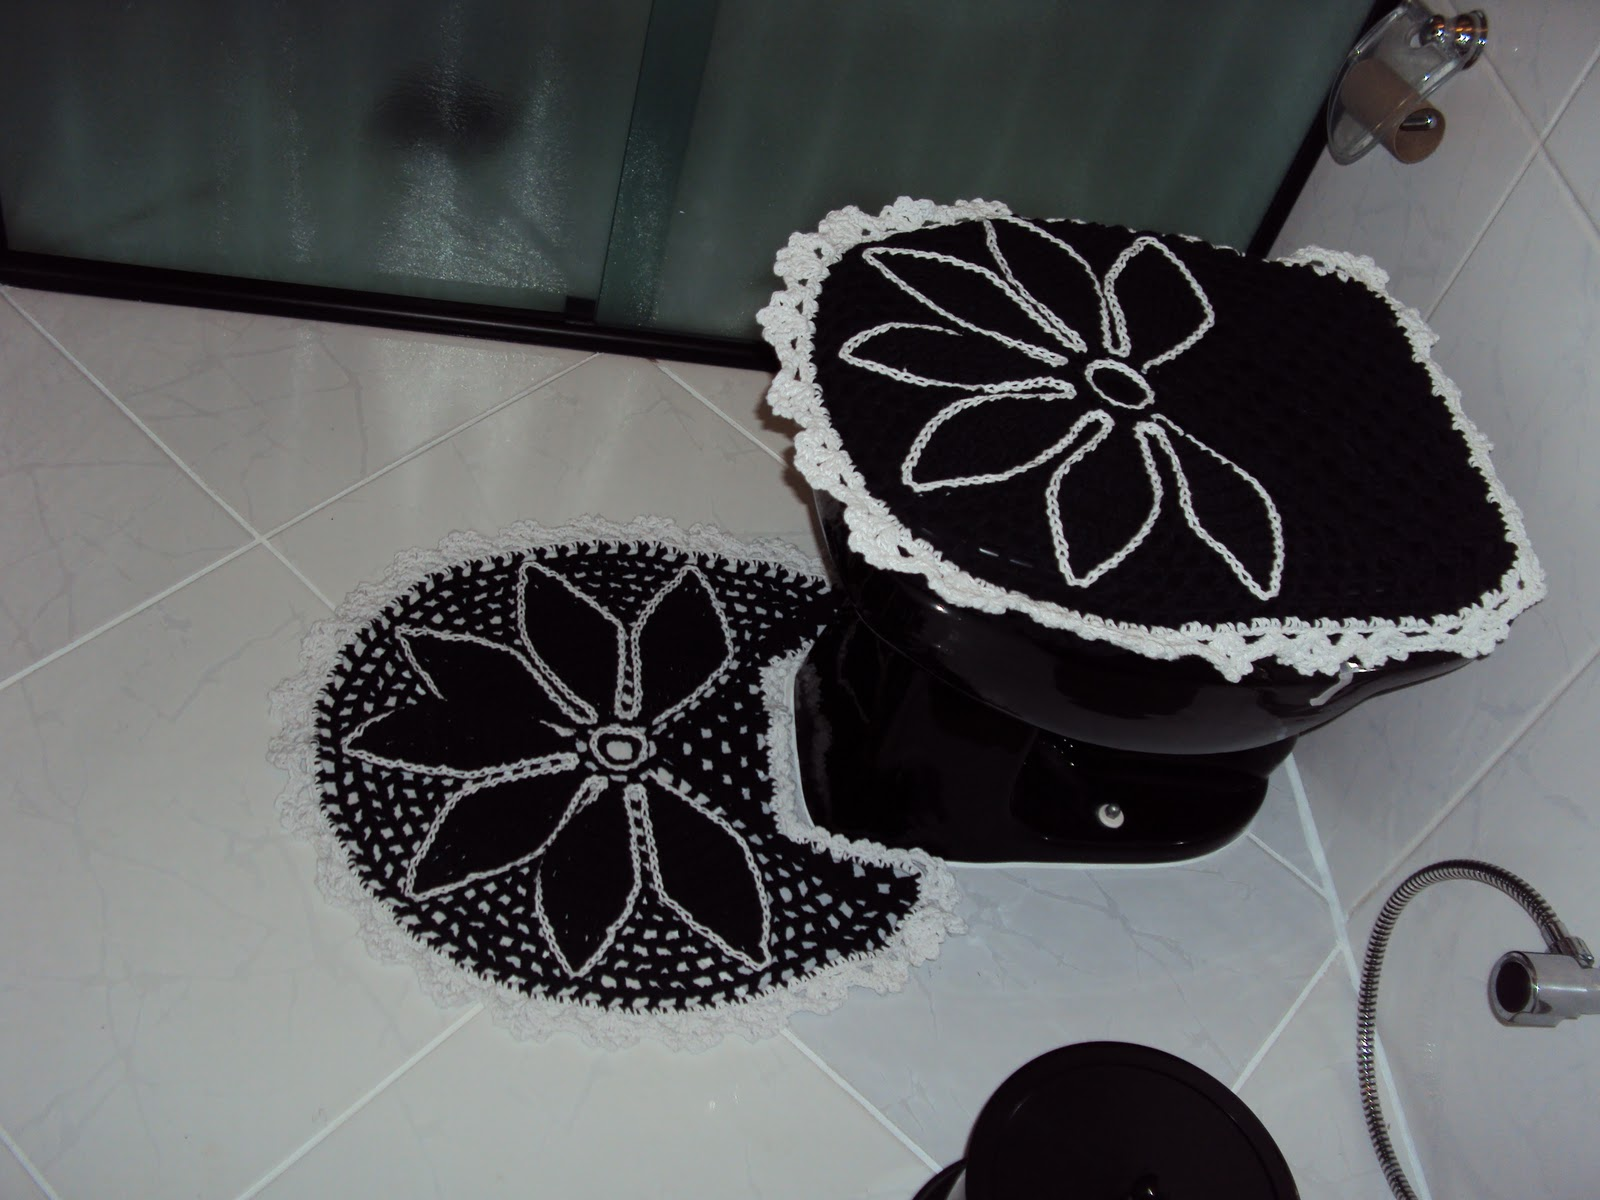 Art em Crochê: Jogo de Banheiro Pétalas Preto Branco #594F4E 1600x1200 Azulejos Para Banheiro Branco E Preto